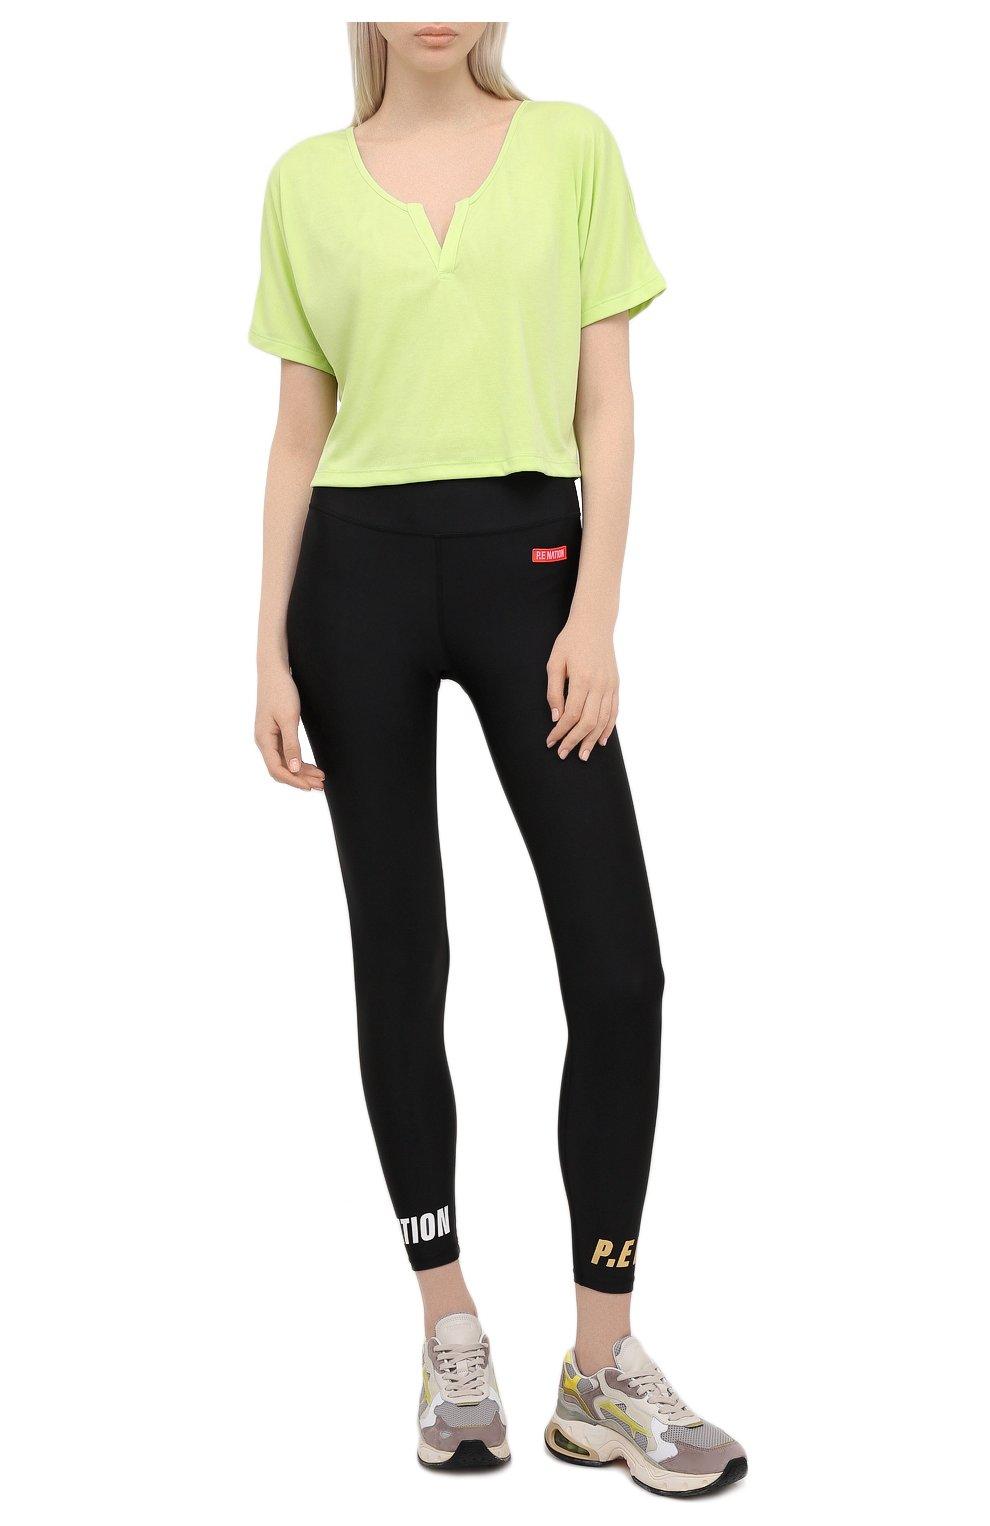 Женская футболка KORAL зеленого цвета, арт. A6427J85 | Фото 2 (Женское Кросс-КТ: Футболка-спорт, Футболка-одежда; Принт: Без принта; Рукава: Короткие; Материал внешний: Синтетический материал; Стили: Спорт-шик; Длина (для топов): Укороченные)